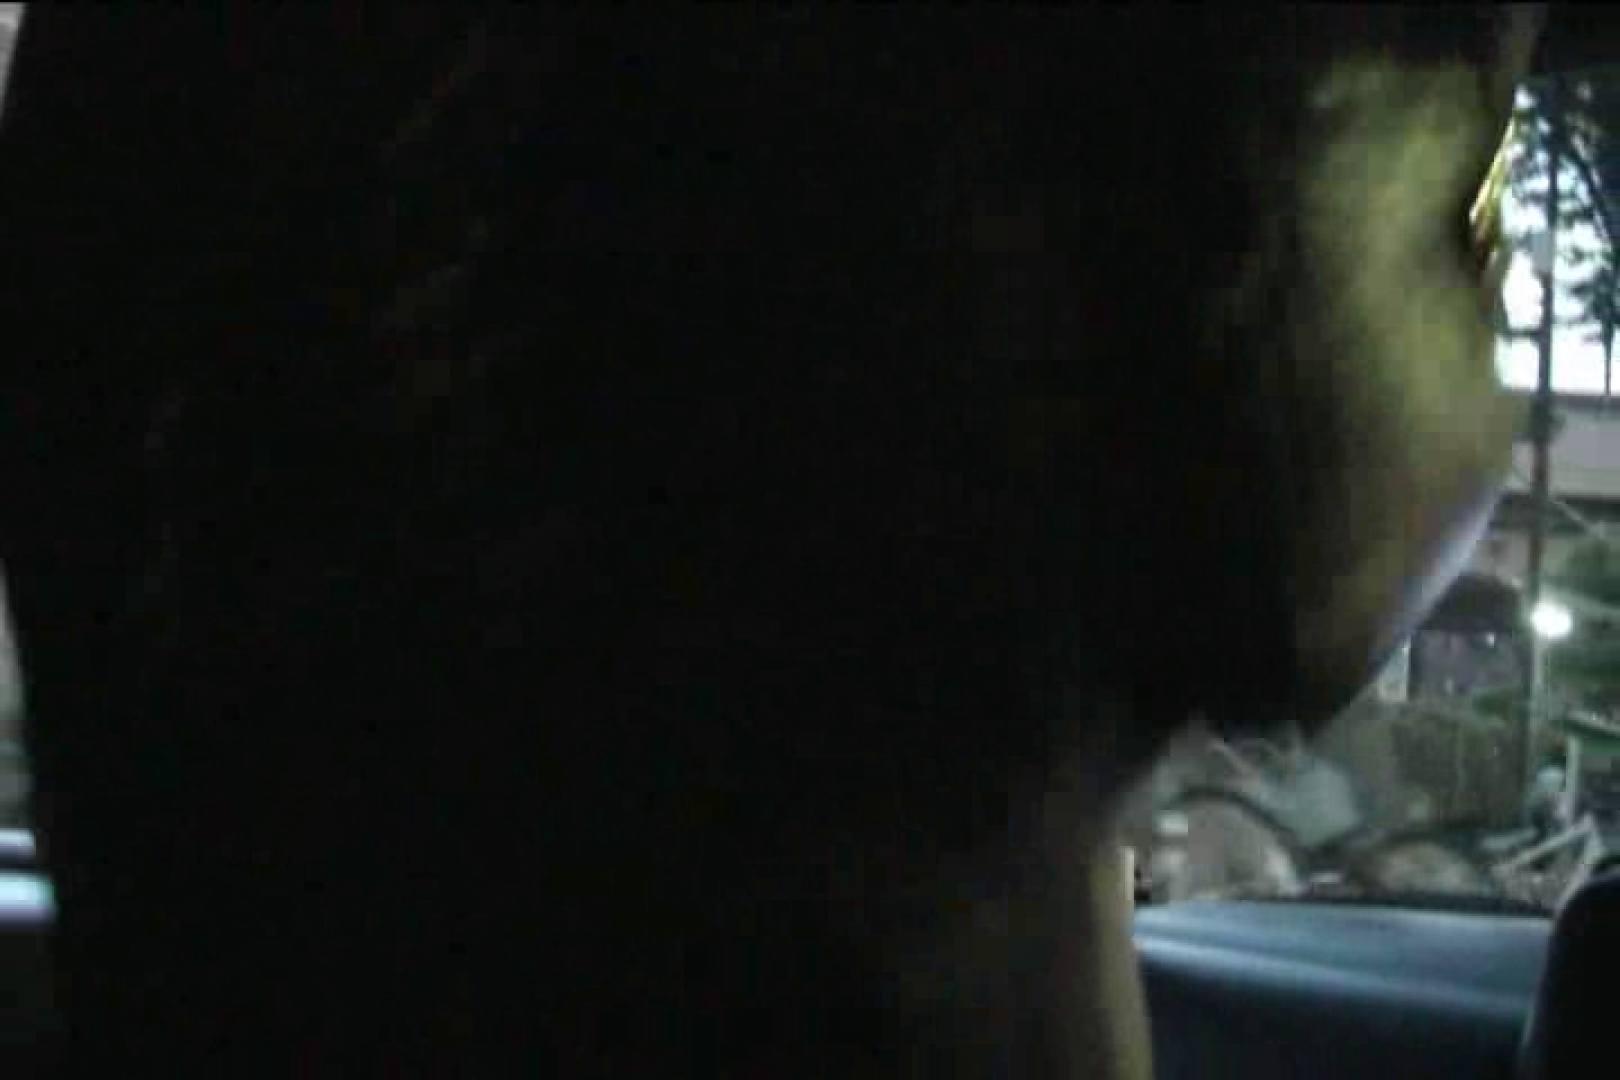 車内で初めまして! vol01 ハプニング   盗撮  68pic 8